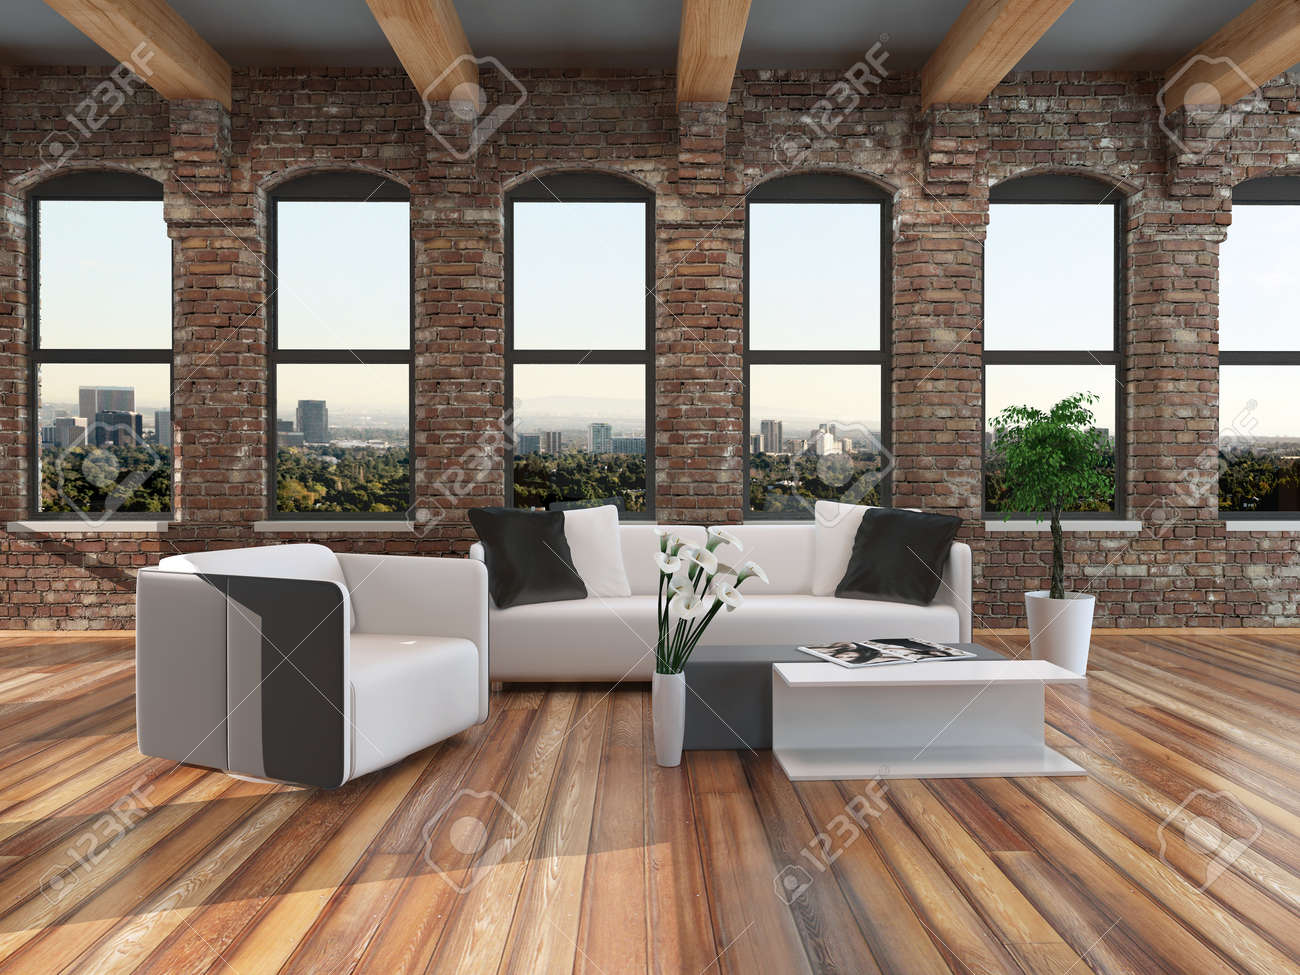 Moderne loft stijl woonkamer interieur met een parketvloer, balken ...